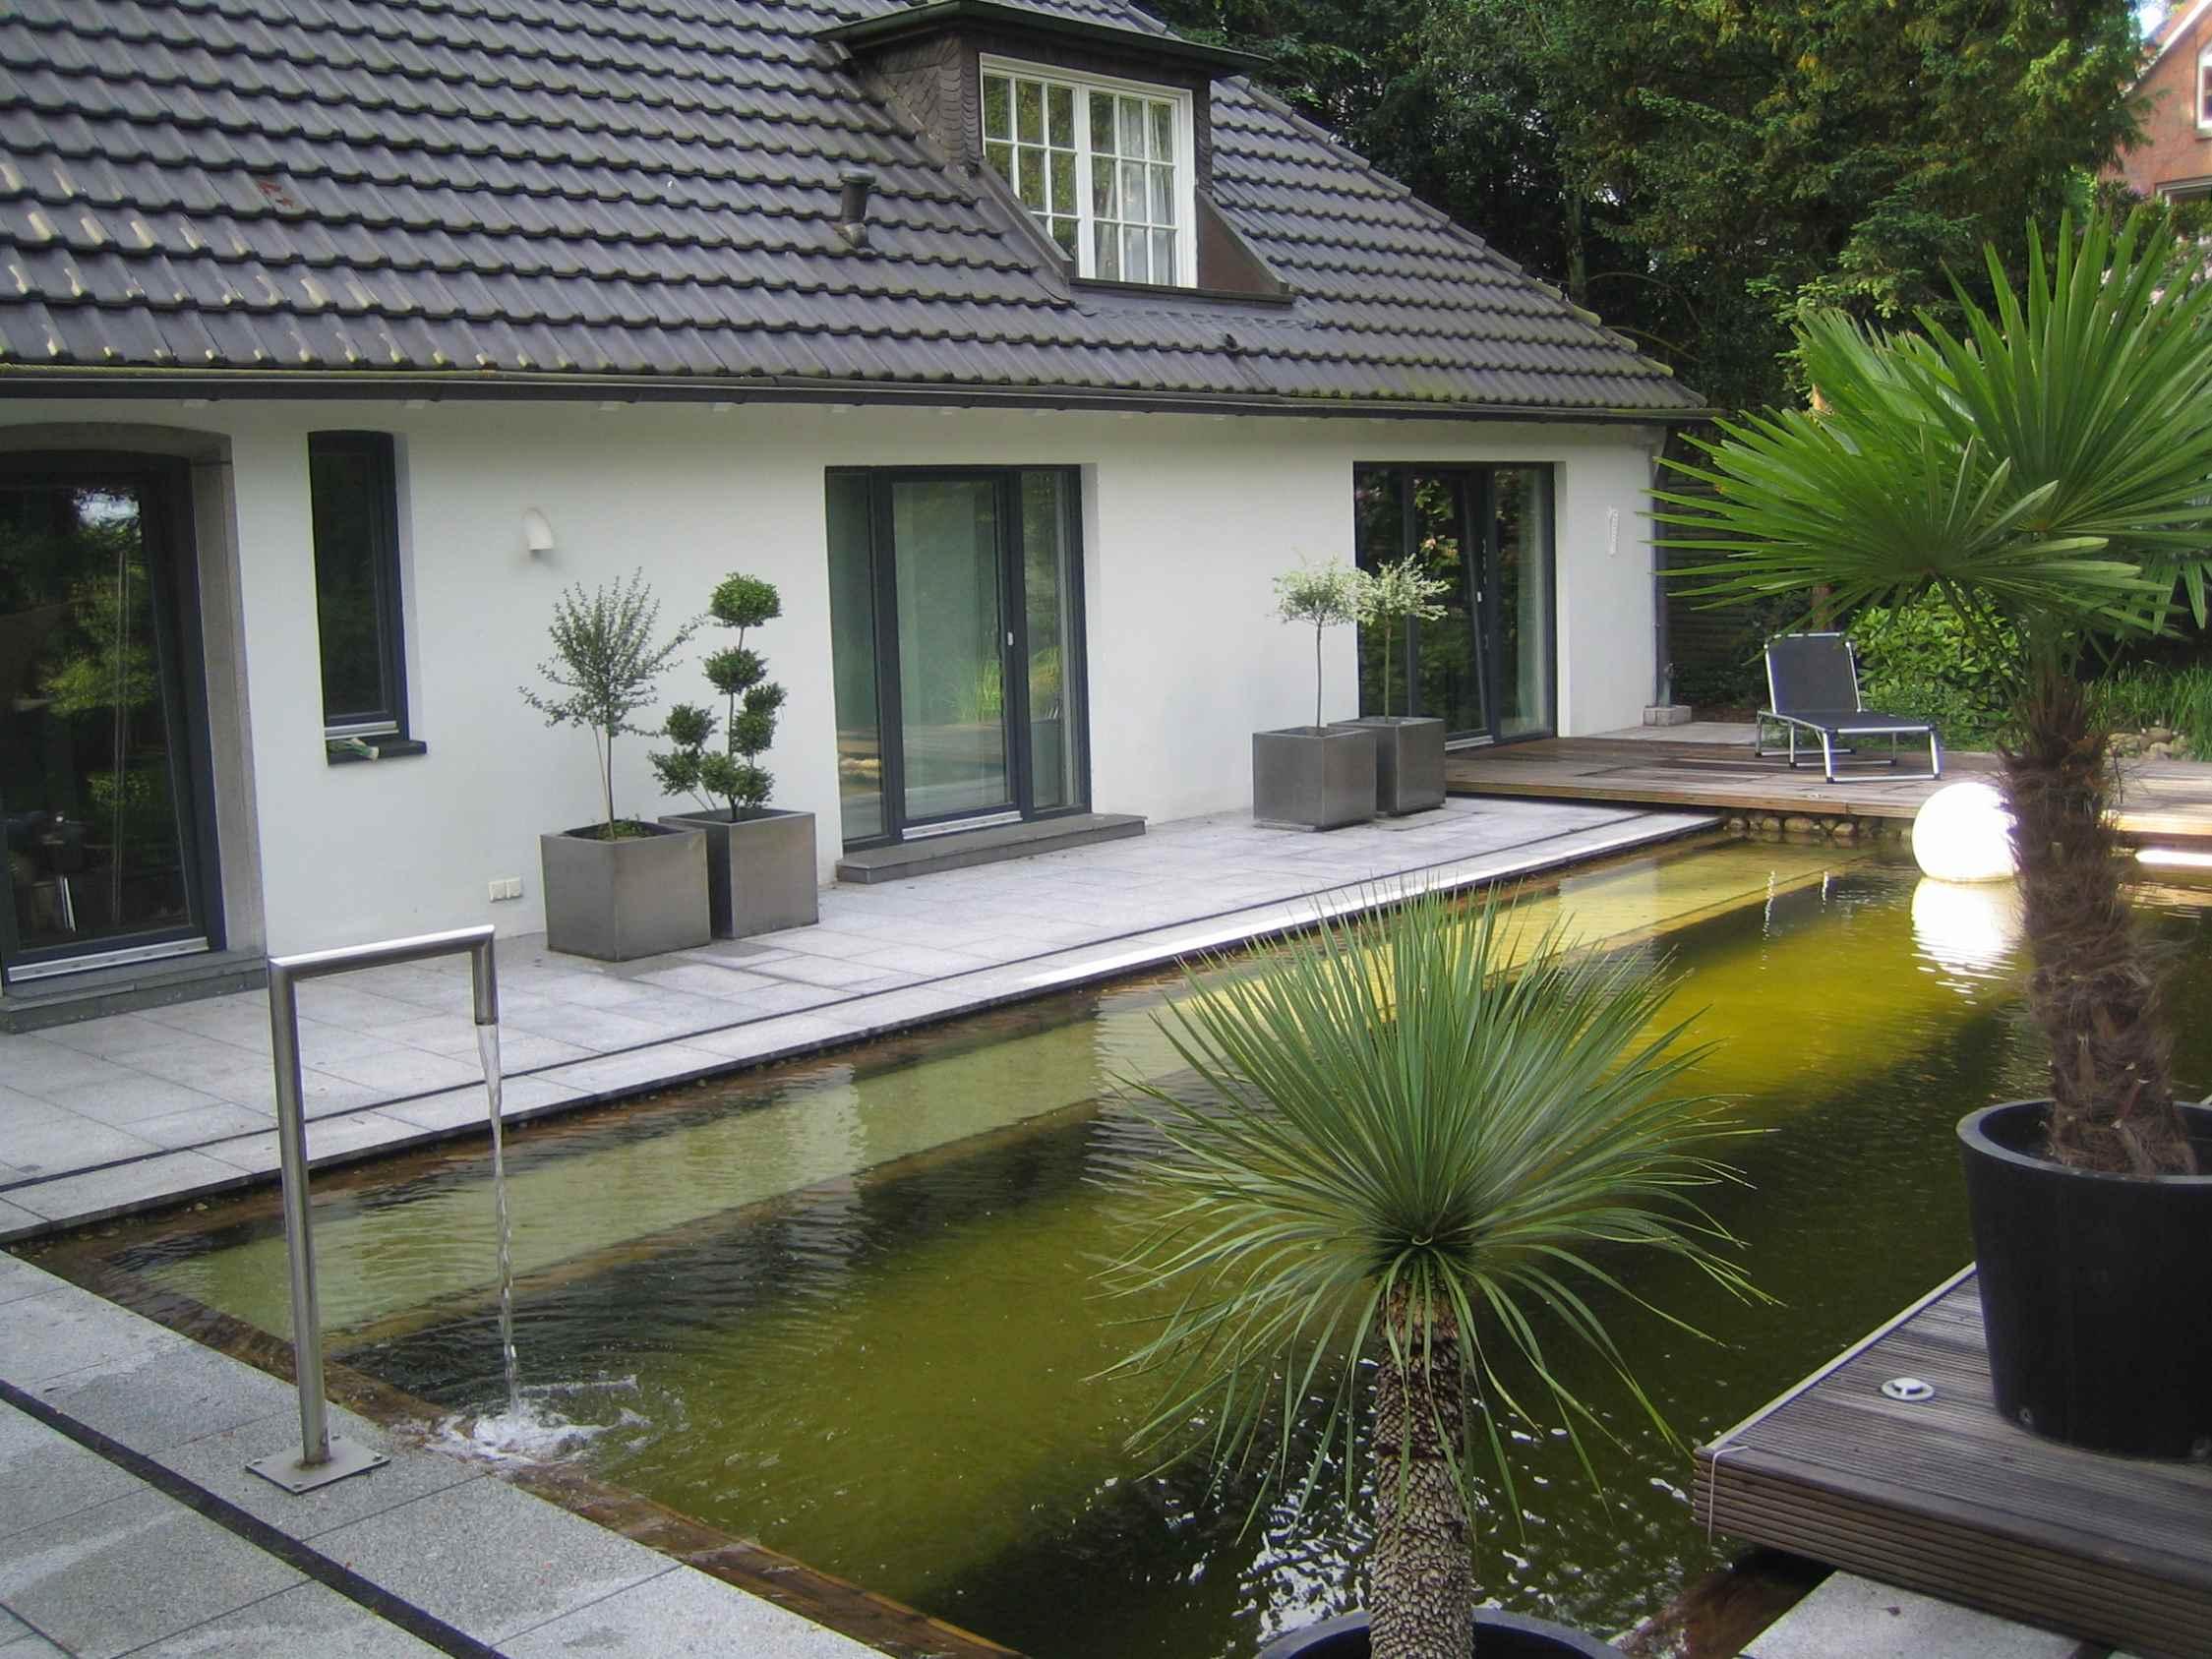 Stefan Siegler Garten- und Landschaftsbau in Elmenhorst